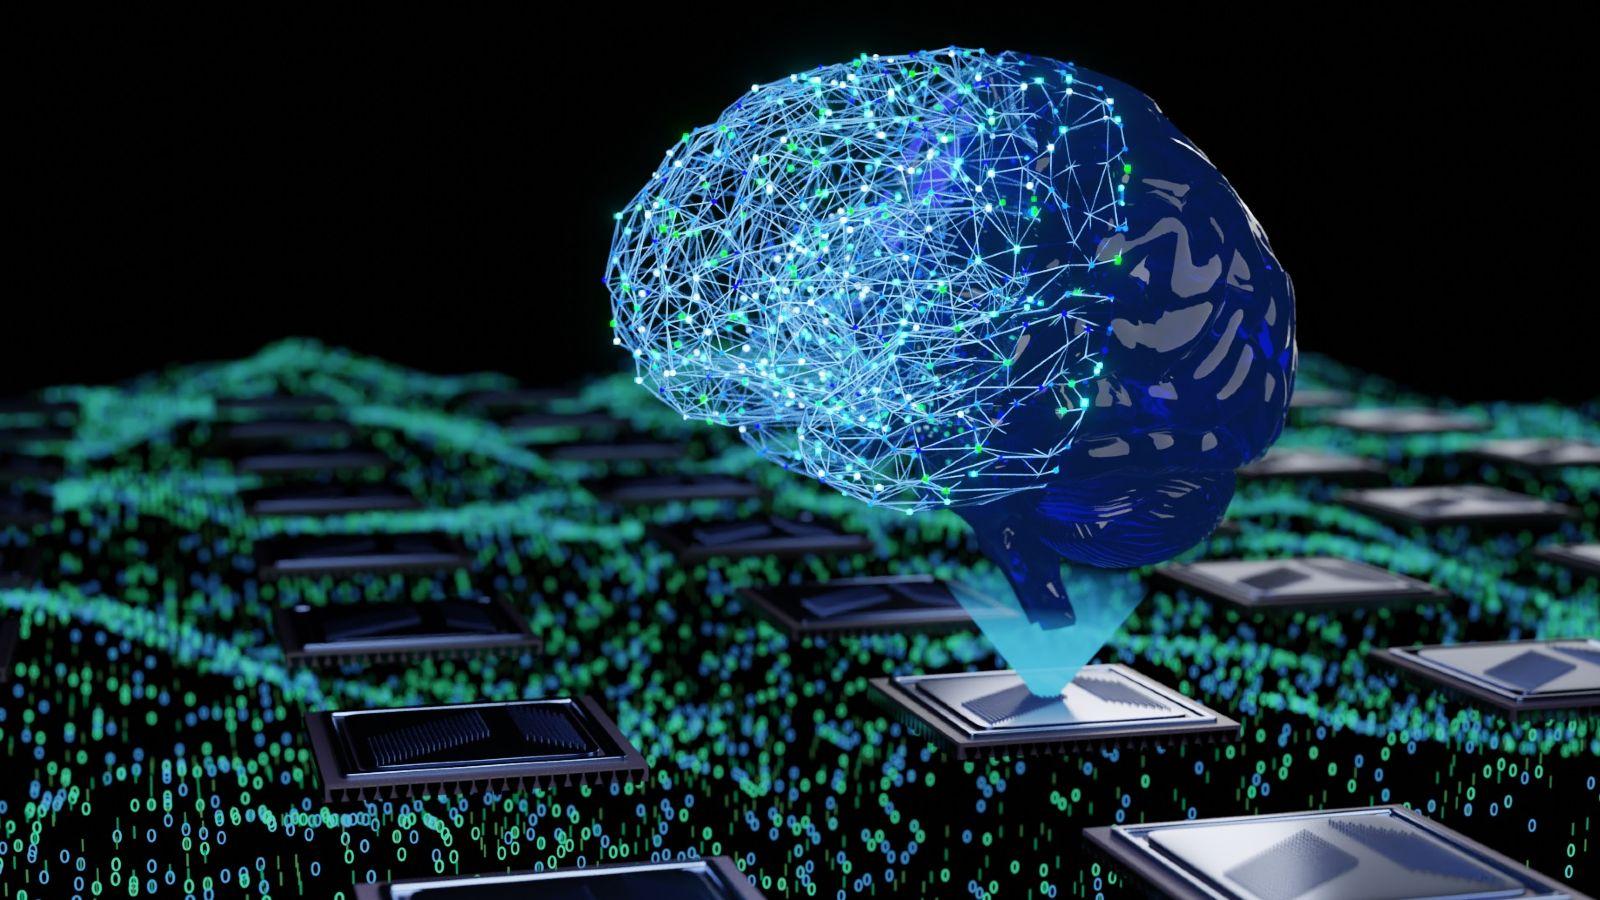 Die KI wird durch ein Netzwerk von Punkten mit der Form eines Gehirns dargestellt. Diese neuromorphe Form geht aus der schematischen Darstellung eines Chips hervor. Als Hintergrund: ein